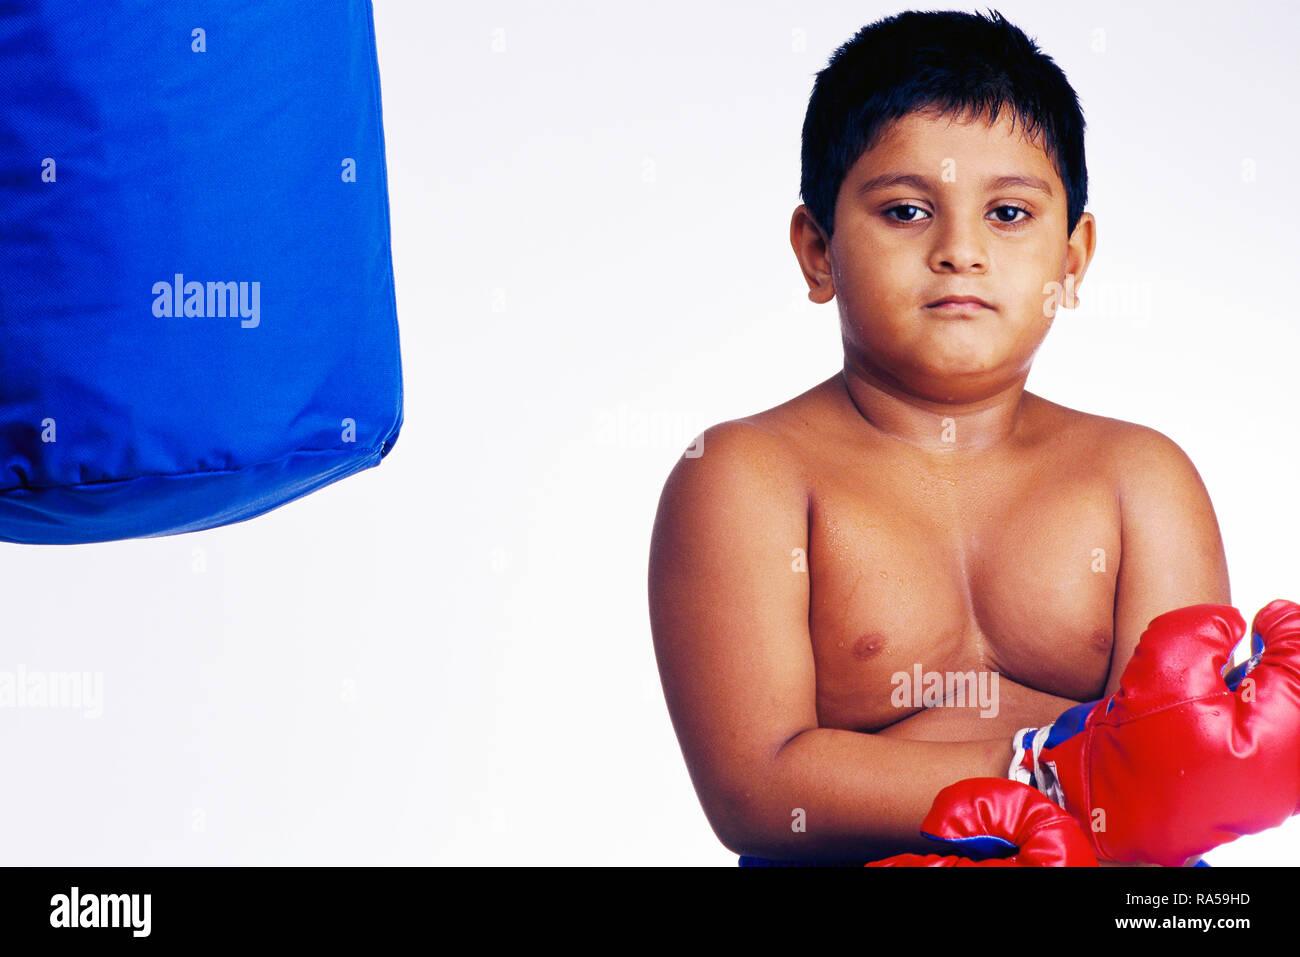 Retrato de un joven boxeador con BOXIN GUANTES Y Saco de boxeo, sudando después de un partido Imagen De Stock